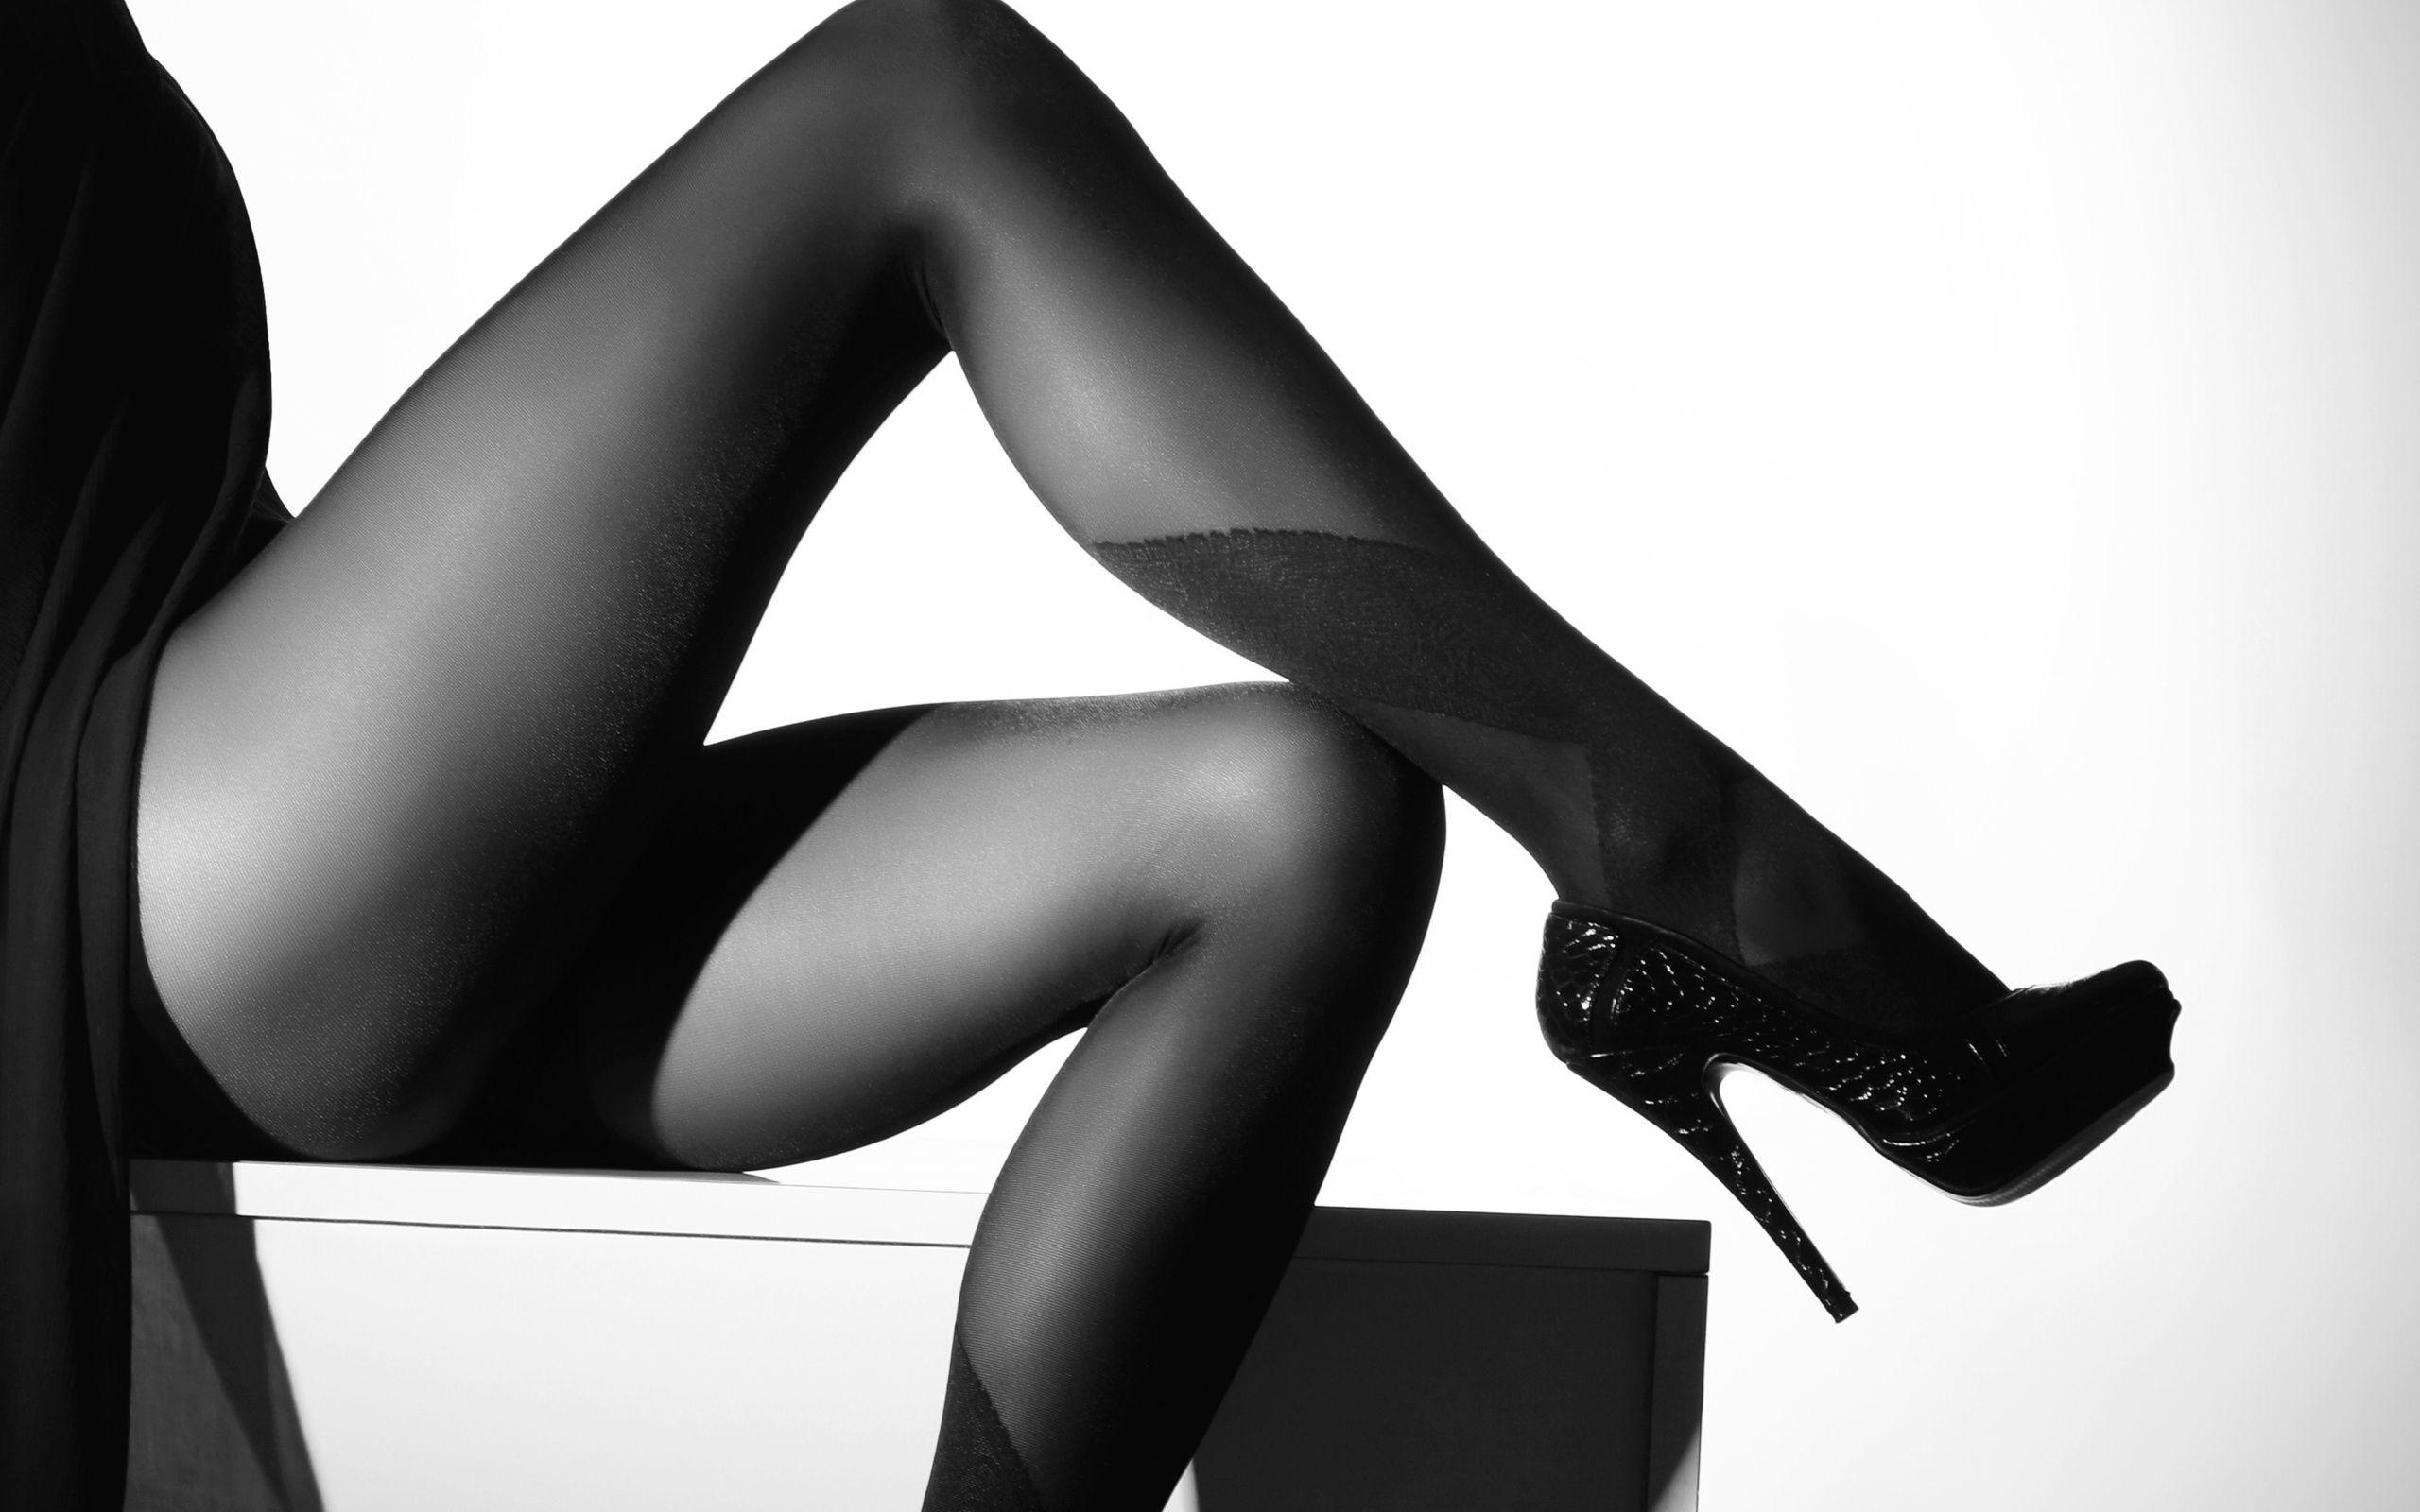 Сайт любителей женщин в колготках — photo 4